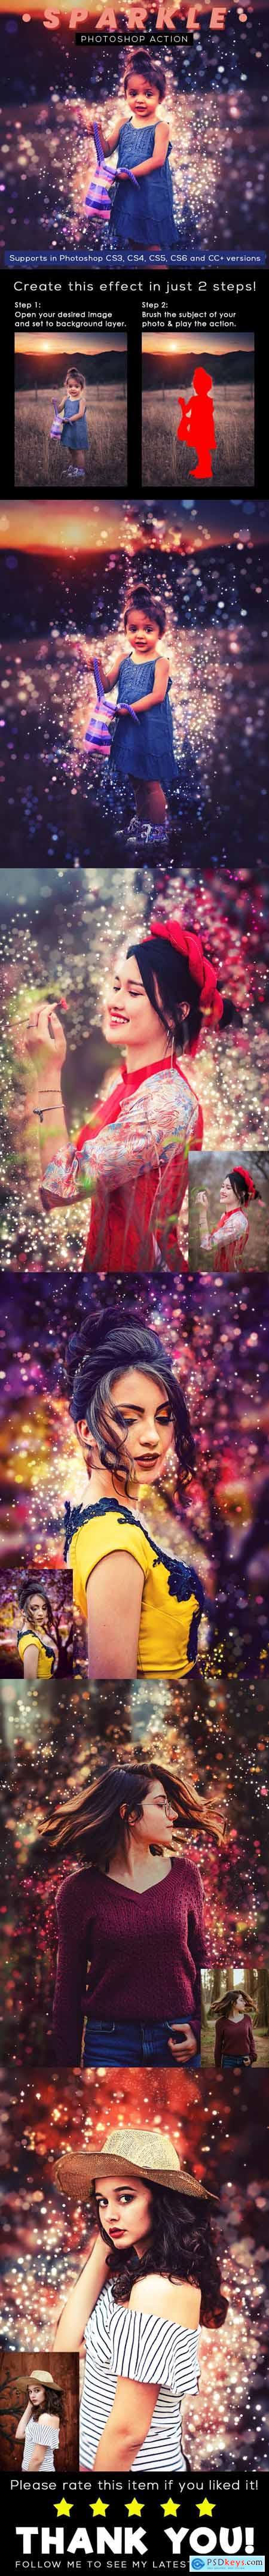 Sparkle Photoshop Action 26451786